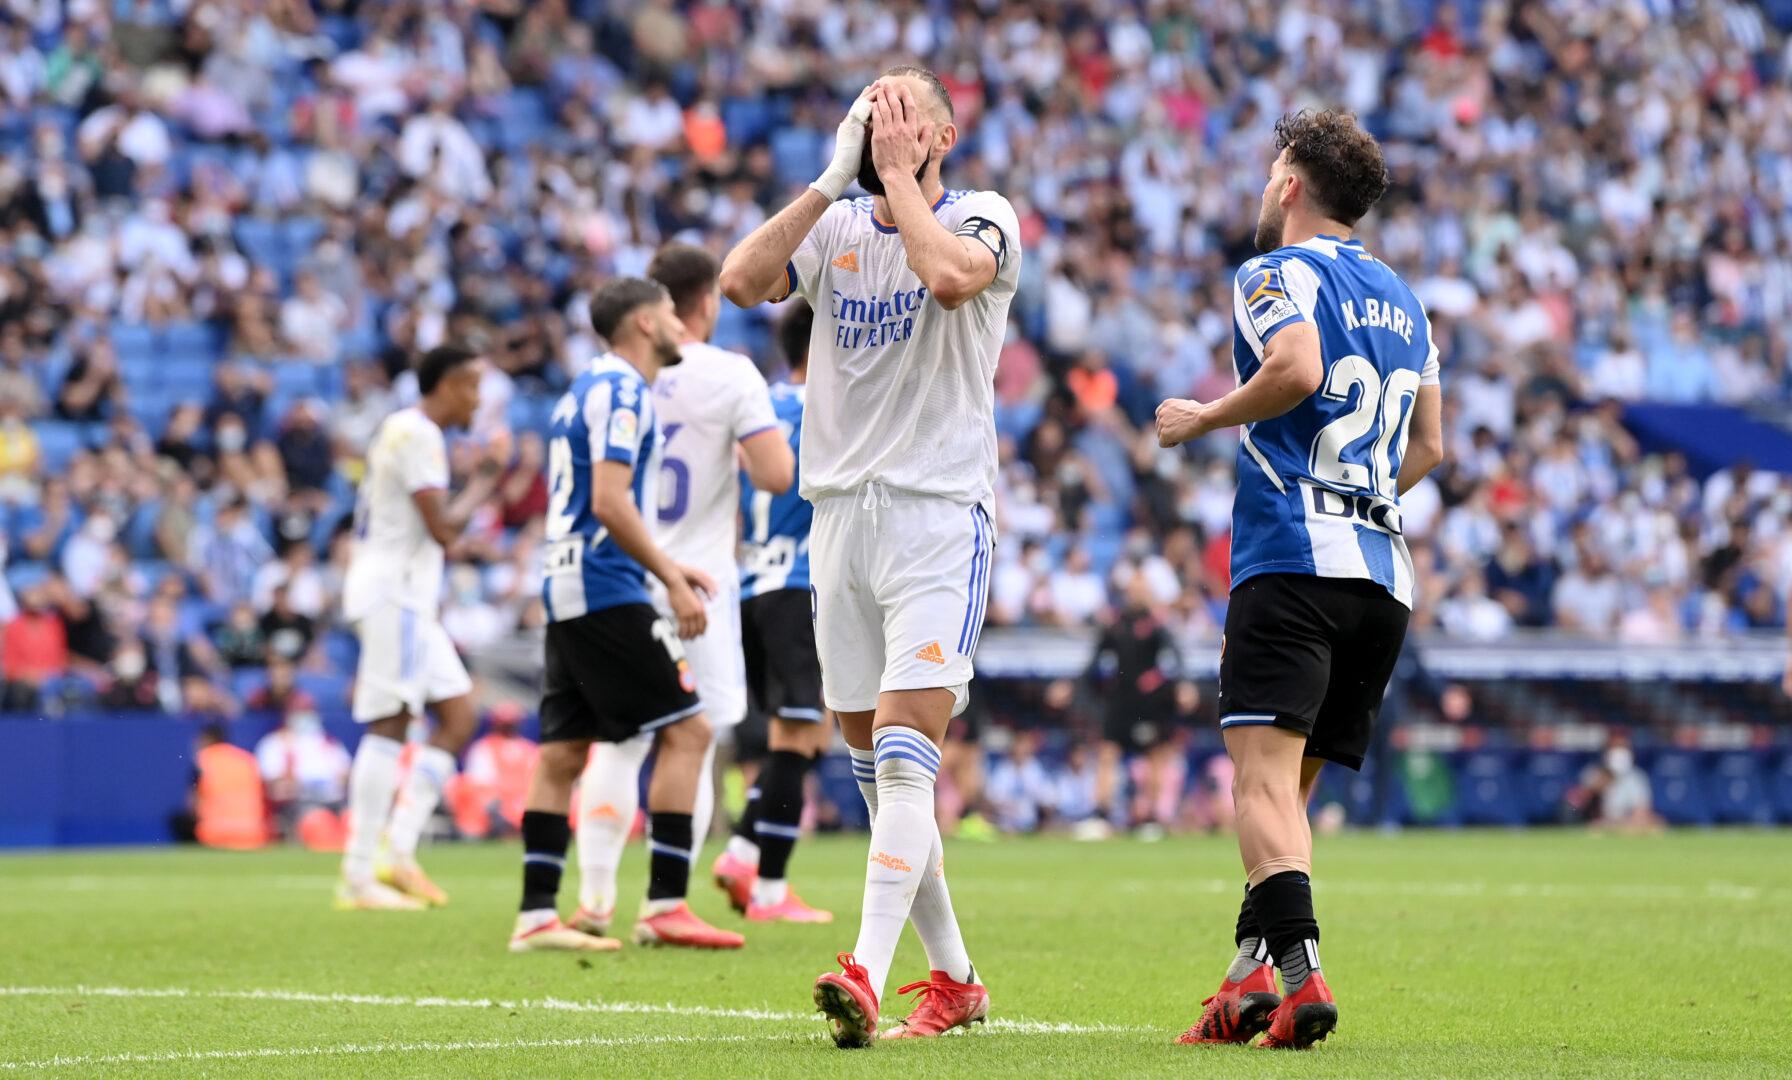 Benzema (Real Madrid) schlägt die Hände vor das Gesicht wegen Espanyol